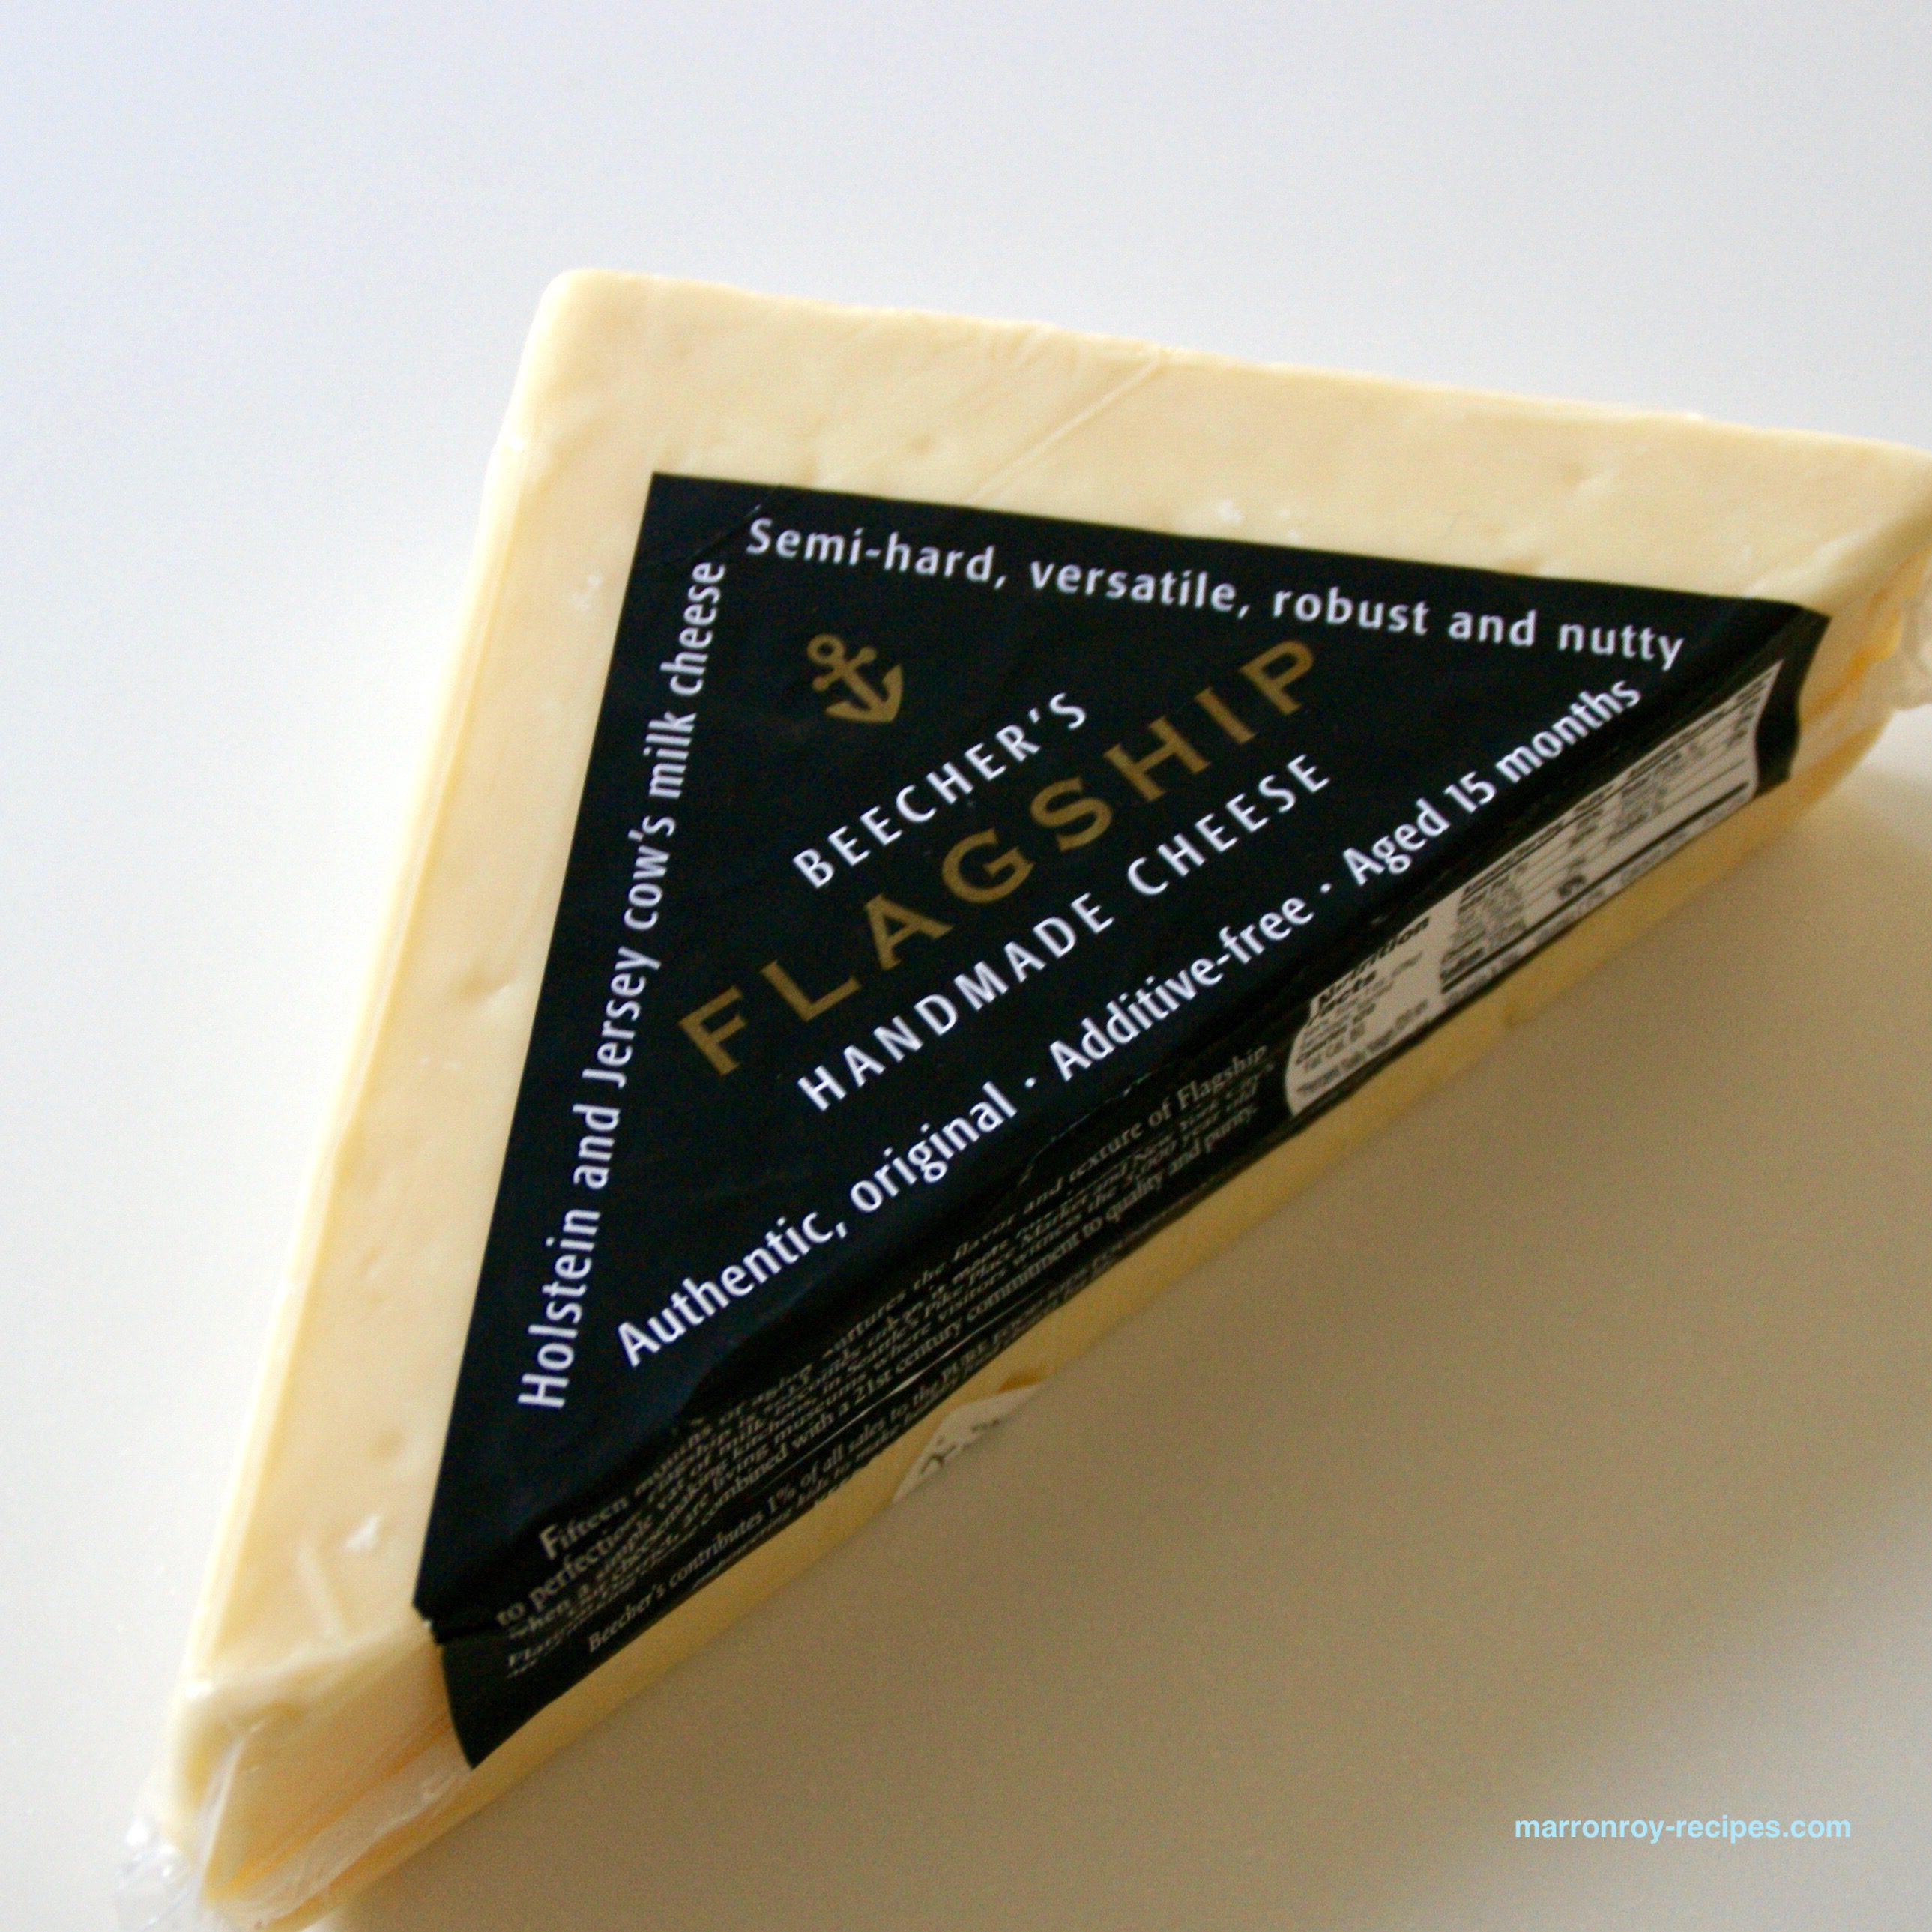 """コストコのアルチザンチーズ""""ビーチャーズ フラッグシップ""""はどんなチーズ?"""